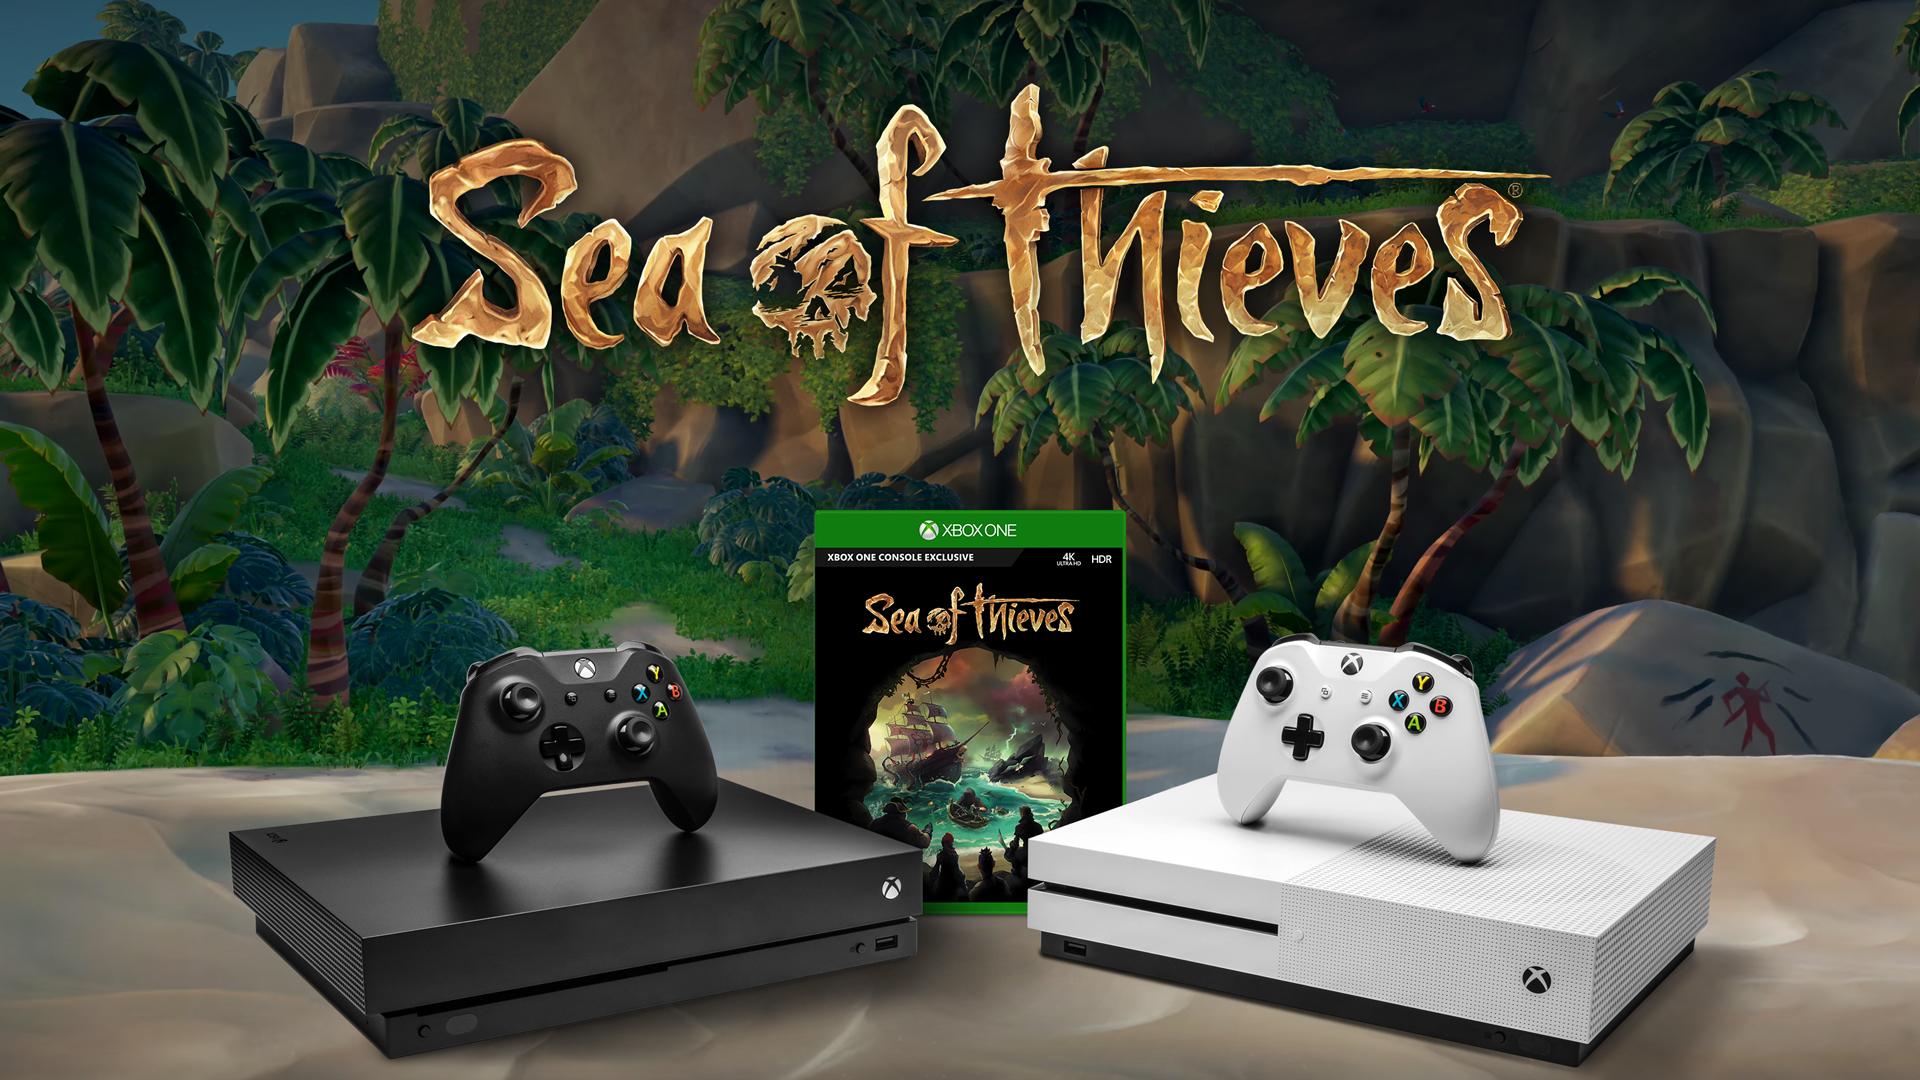 Sea Of Thieves Se Ofrecera Gratis Con Xbox One X Por Tiempo Limitado